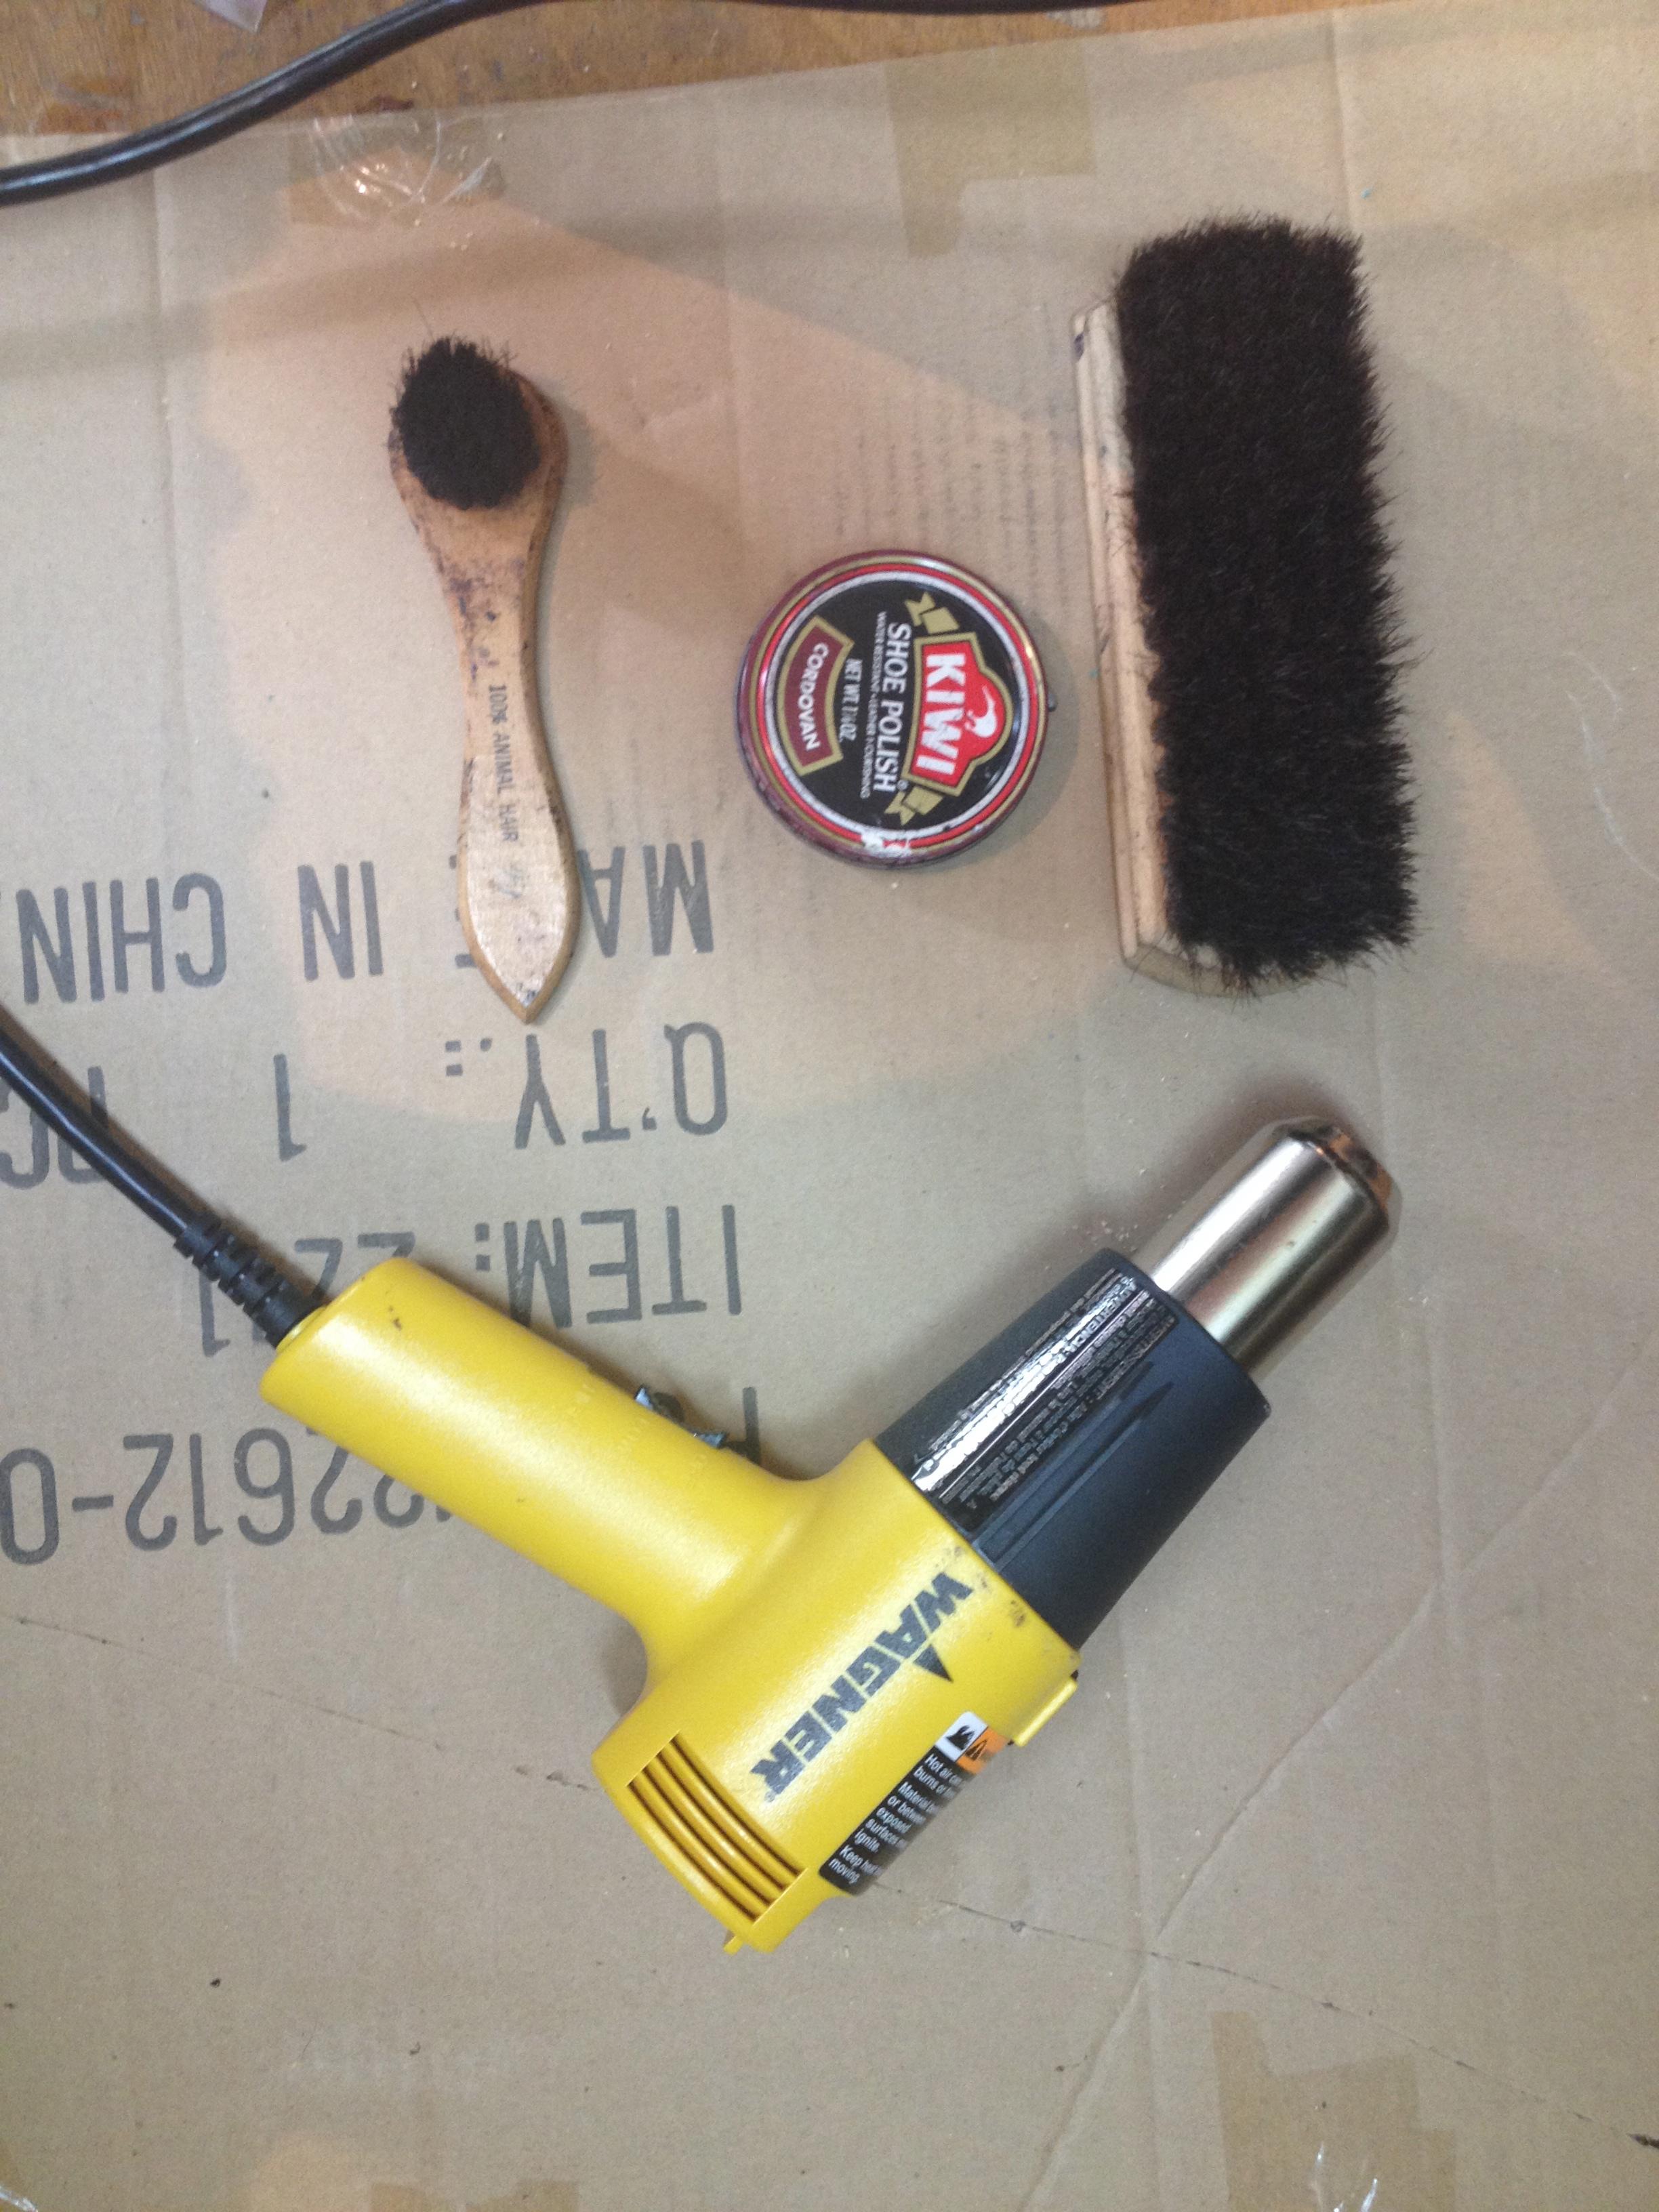 Shoe Polishing Hack: Use a heat gun